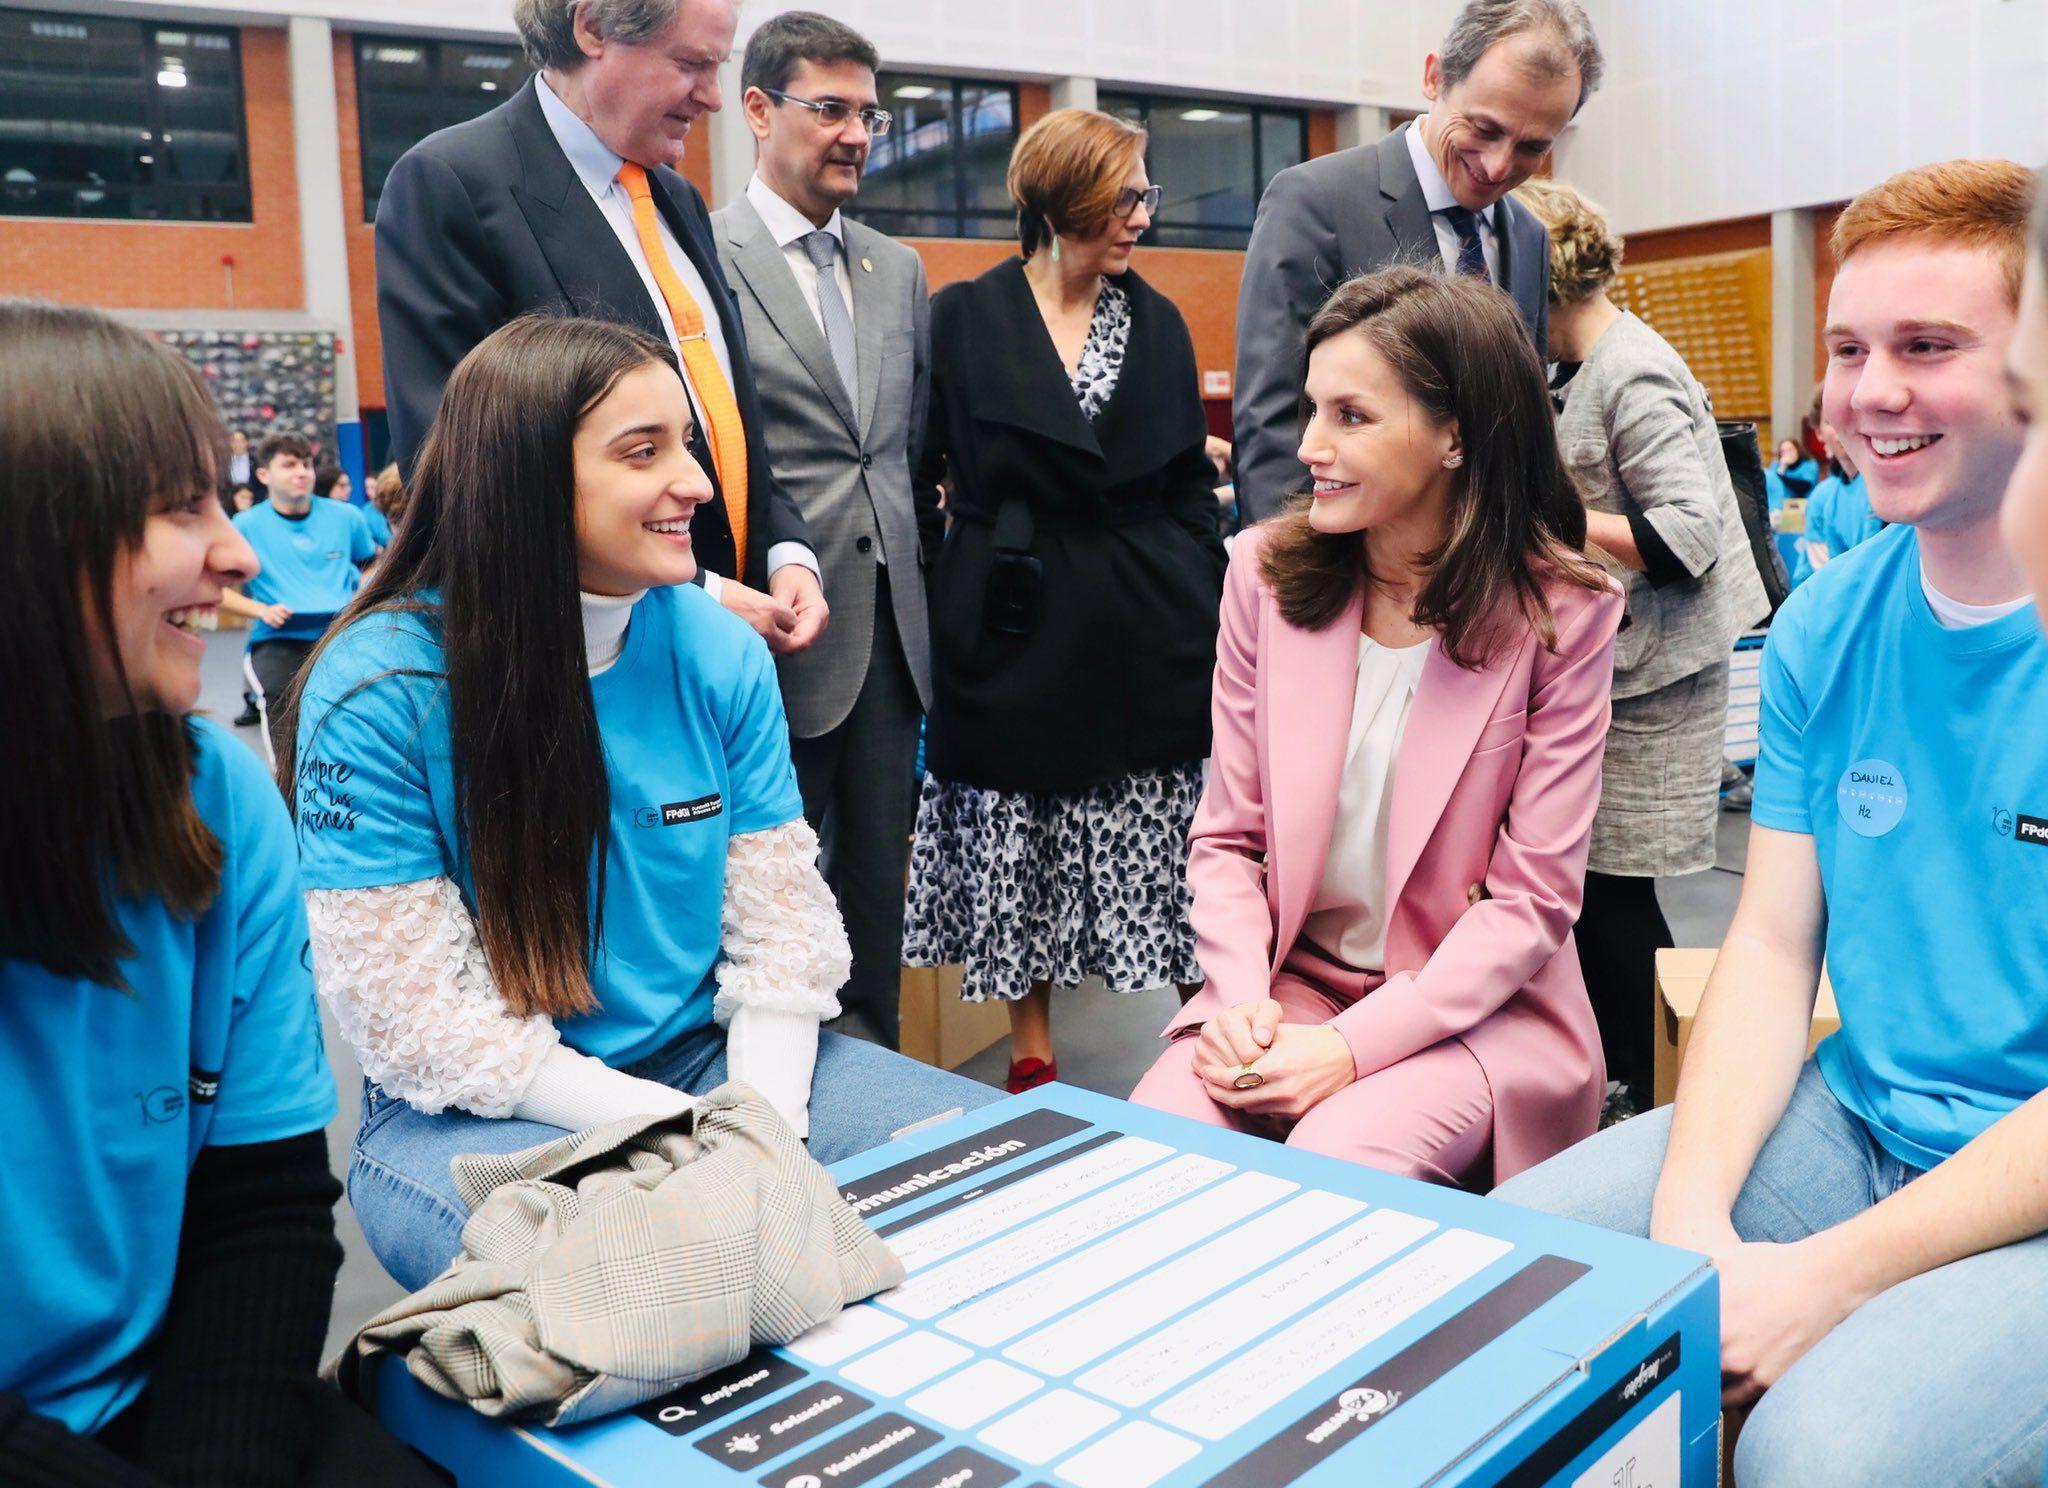 La reina Letícia, còmplice amb els participants   Casa Reial